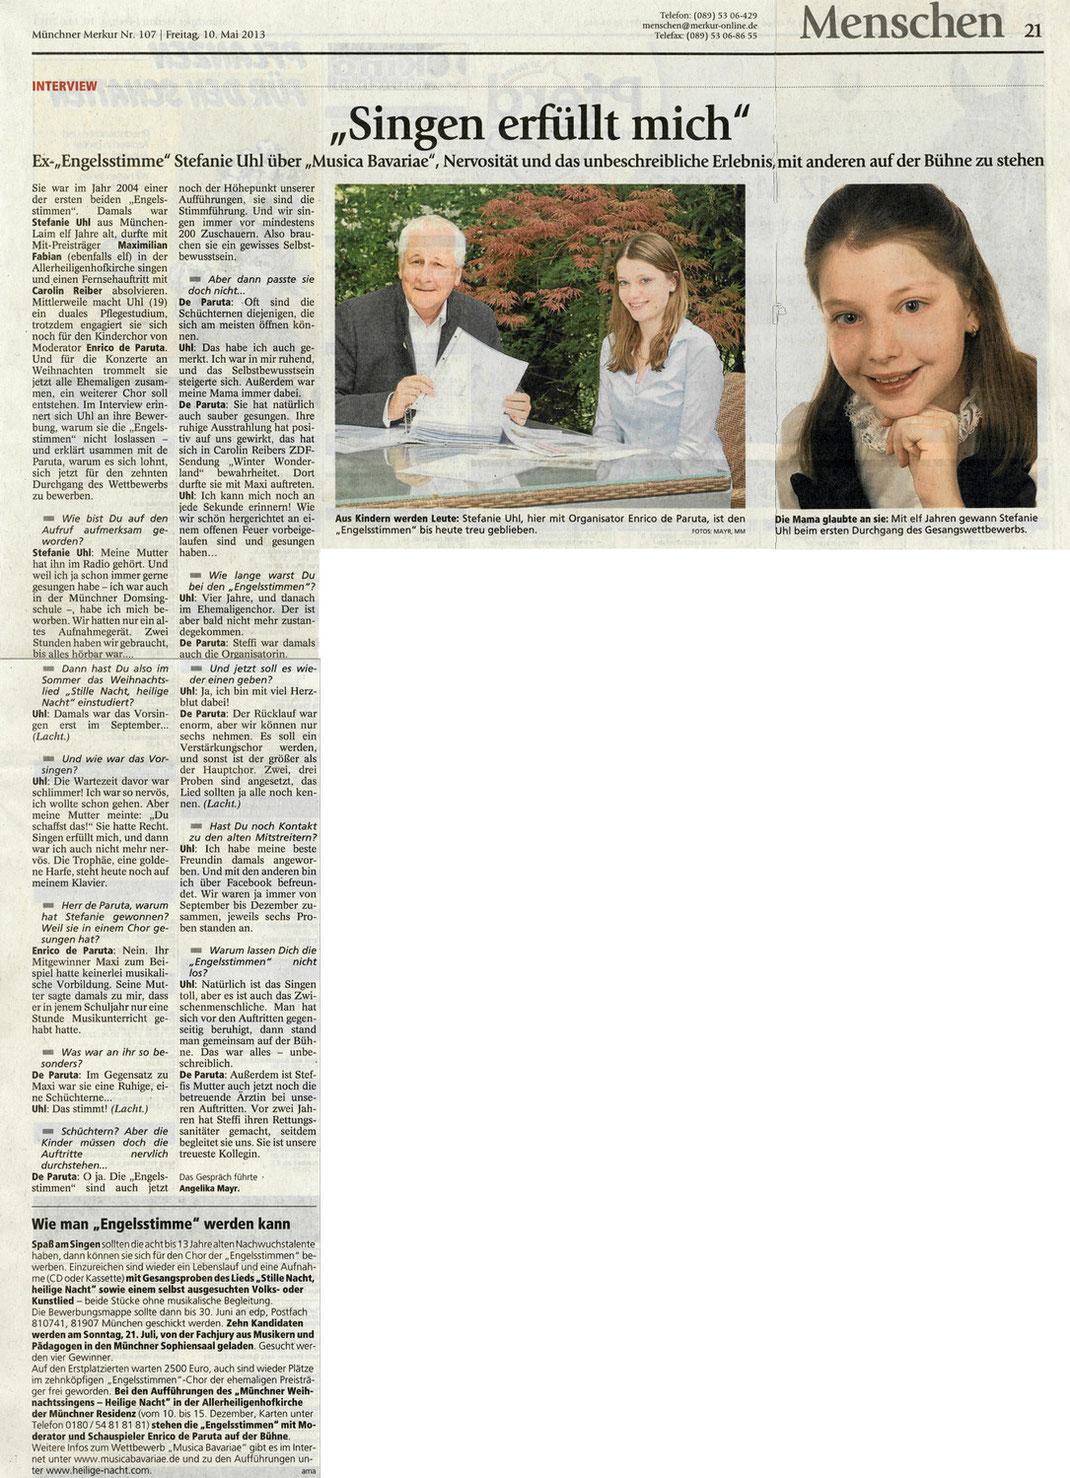 Artikel des Merkur vom 10.5.2013 in der Gesamtausgabe zur Ausschreibung des 10. Gesangswettbewerbs musica Bavariae 2013